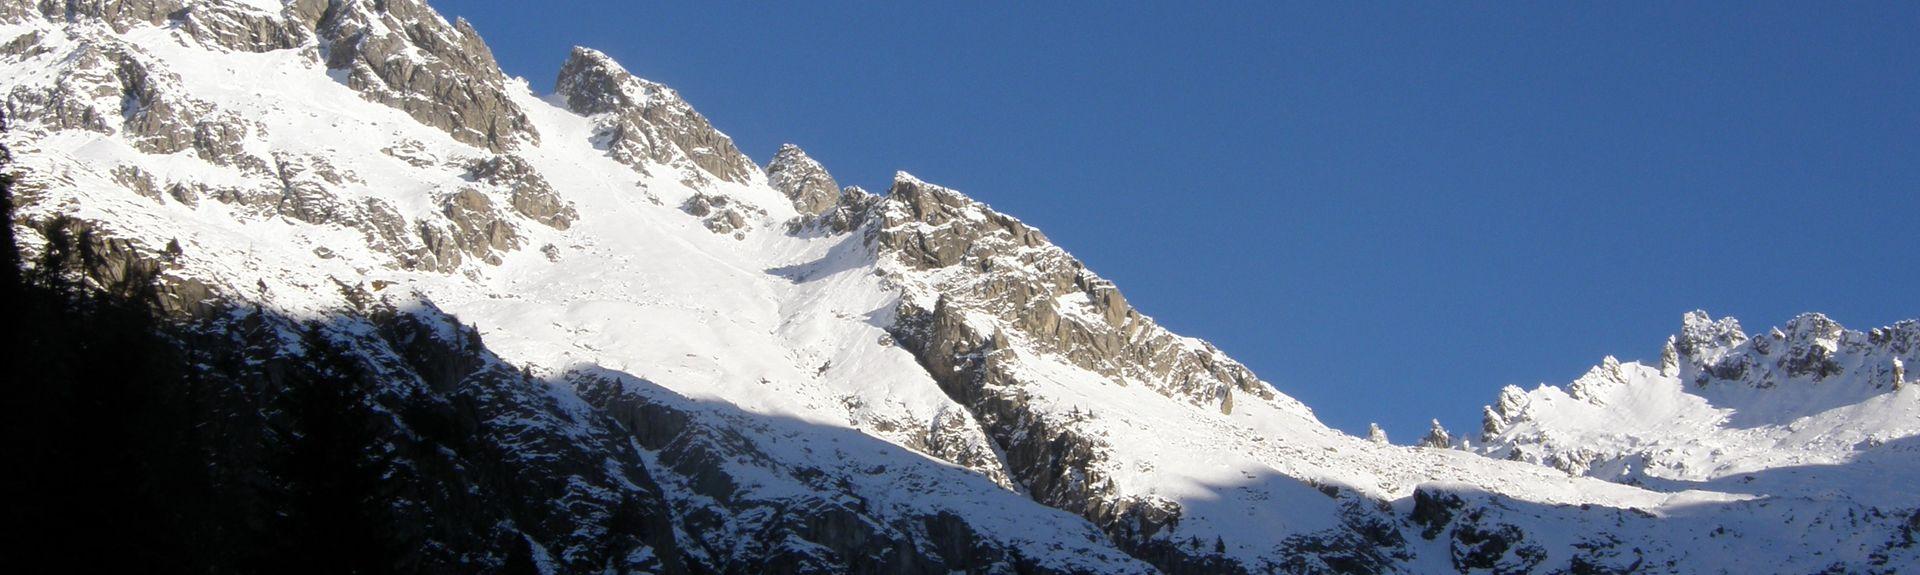 Carisolo, Trento, Trentino-Alto Adige/South Tyrol, Italy